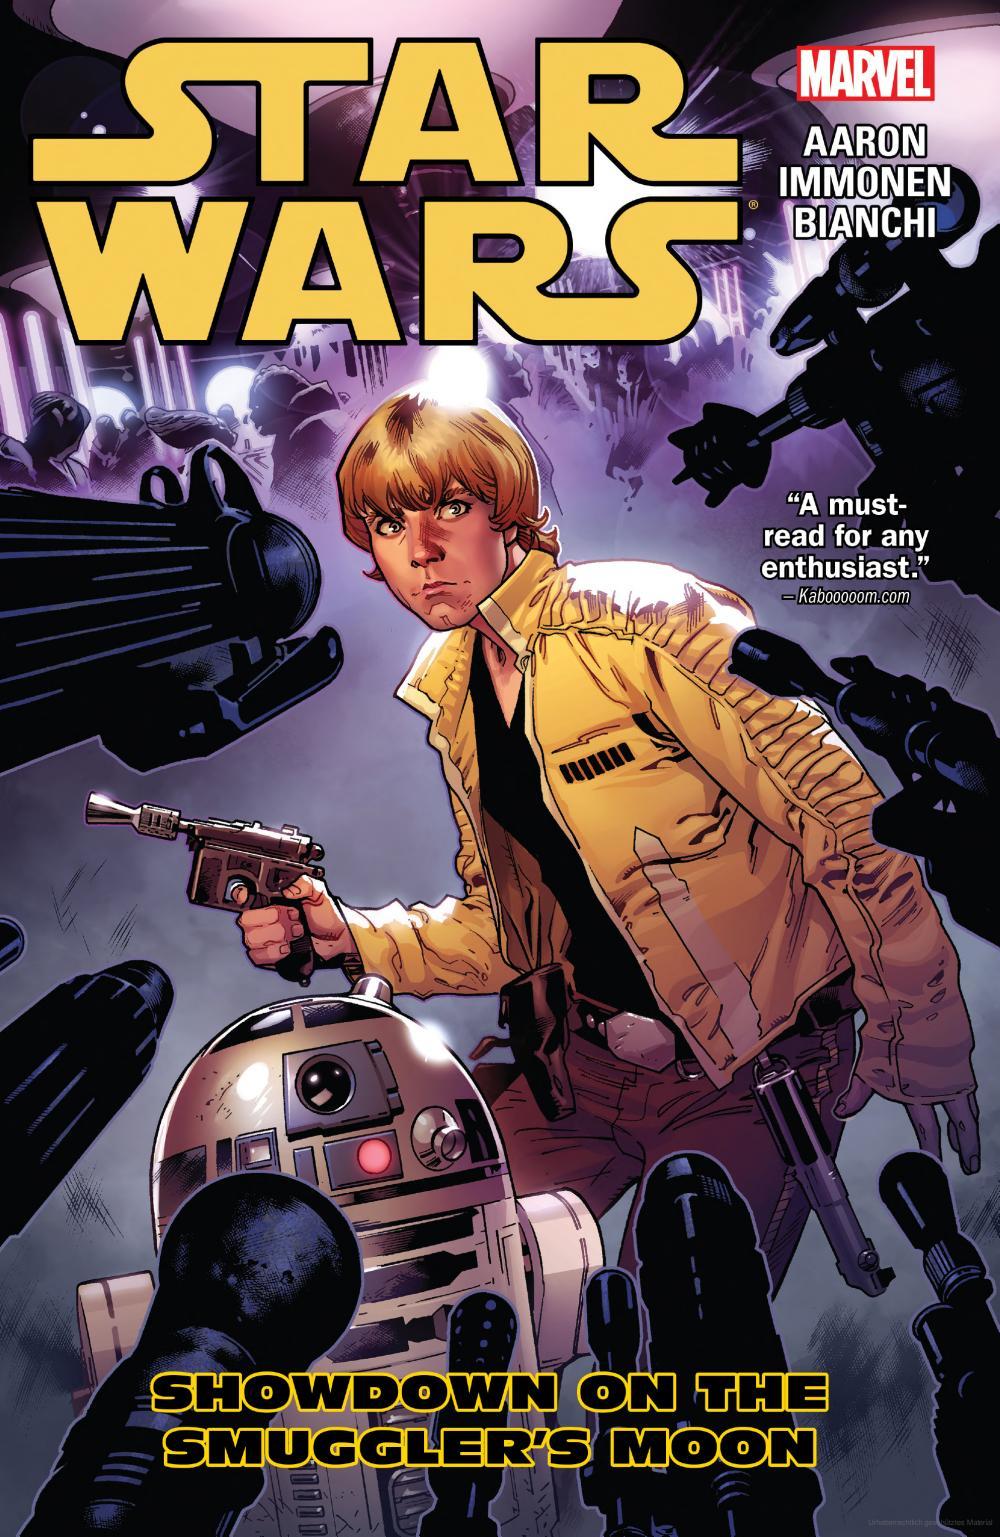 Star_Wars_Vol_2_TD_PB